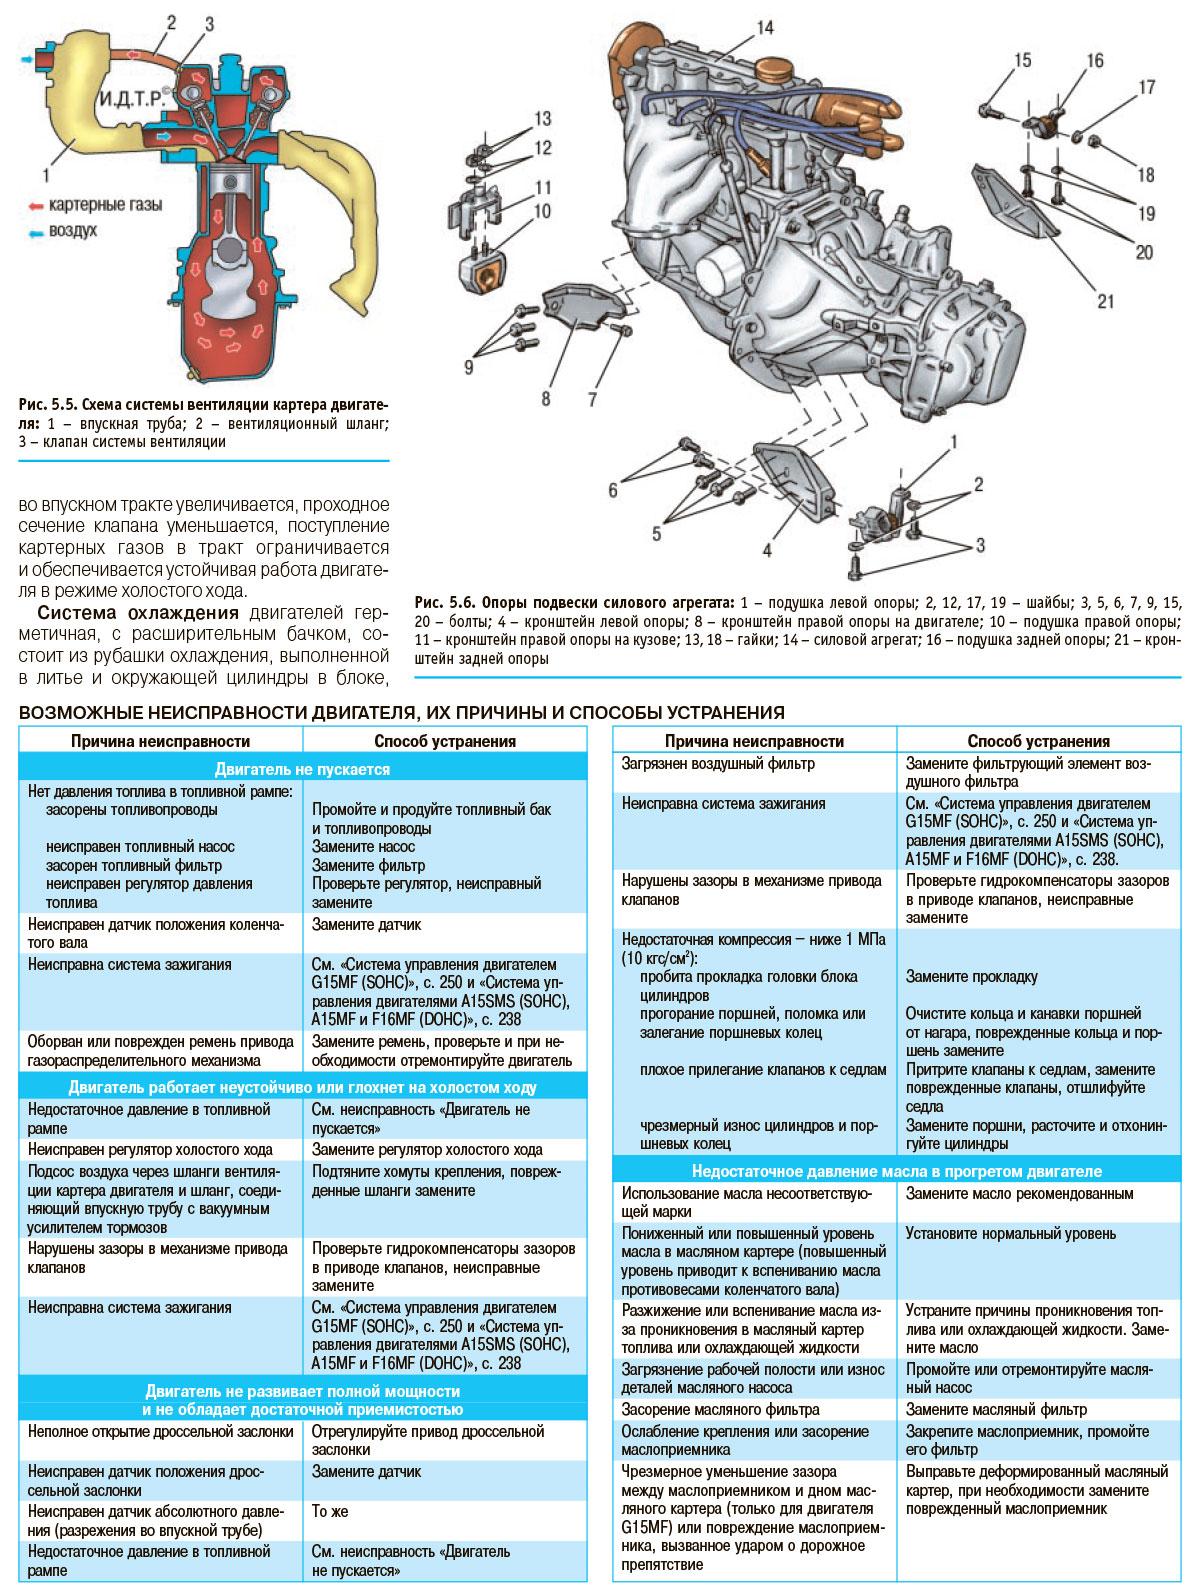 Схема коробки передач на нексии